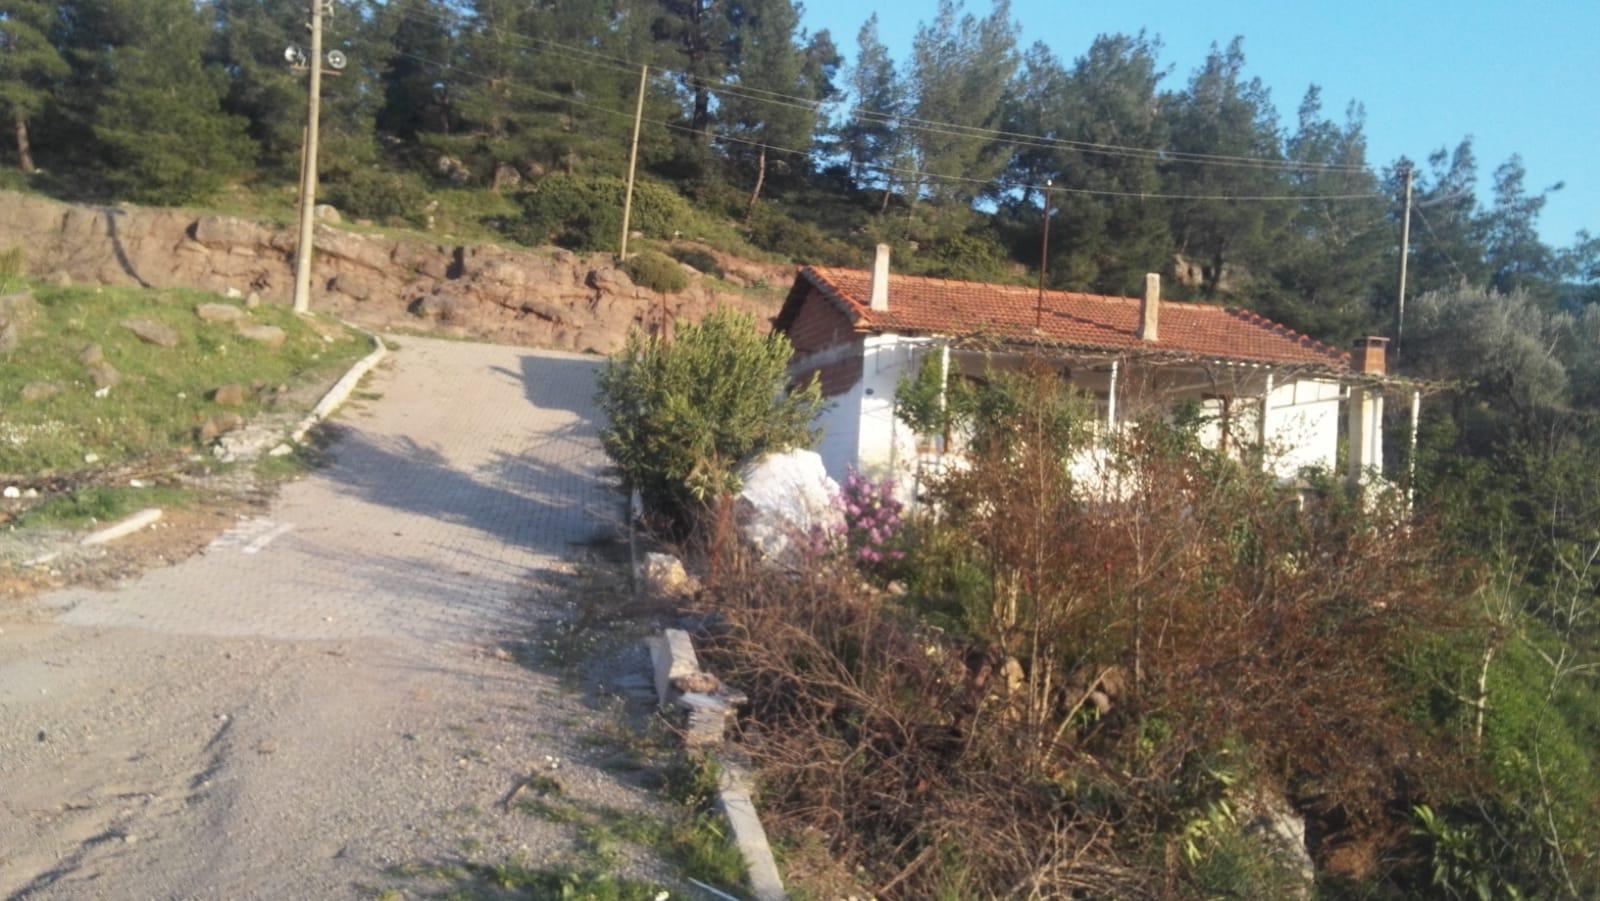 Seferihisar Yeni Orhanlıda Satılık İmarlı Köy Evi